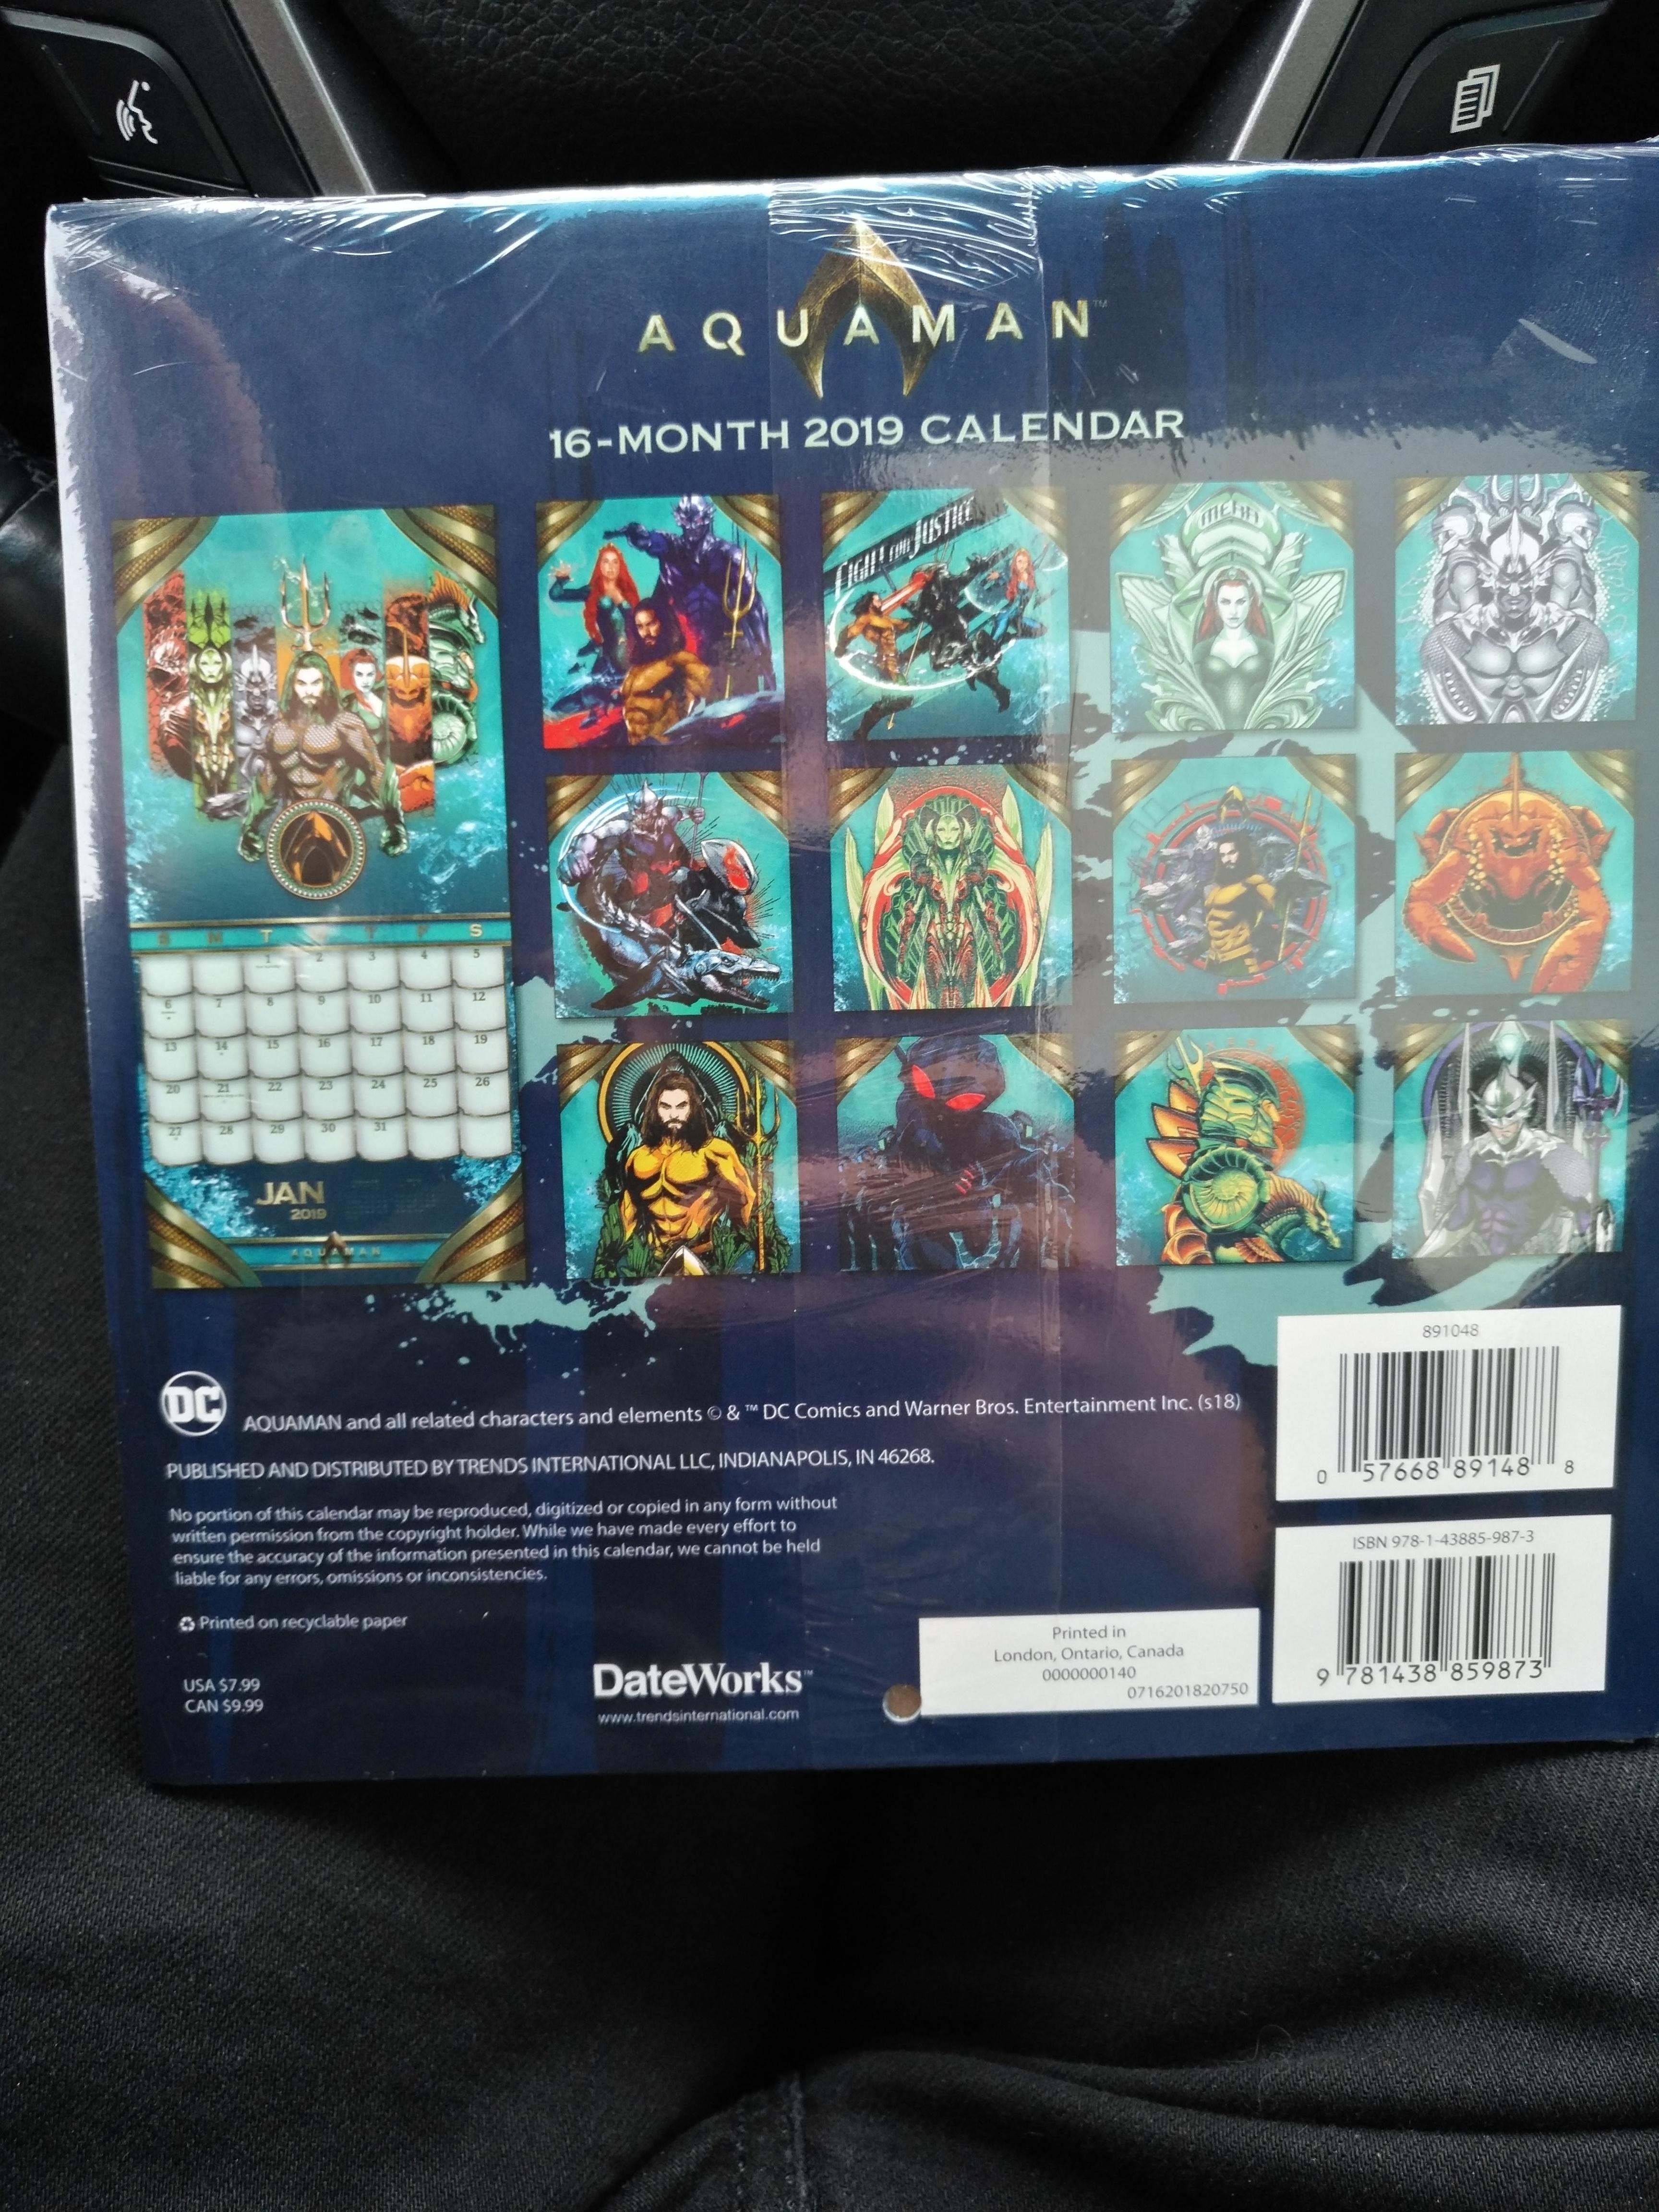 16 Month Mini Calendar At Wal Mart (Canada) : Aquaman Calendar 2019 Walmart